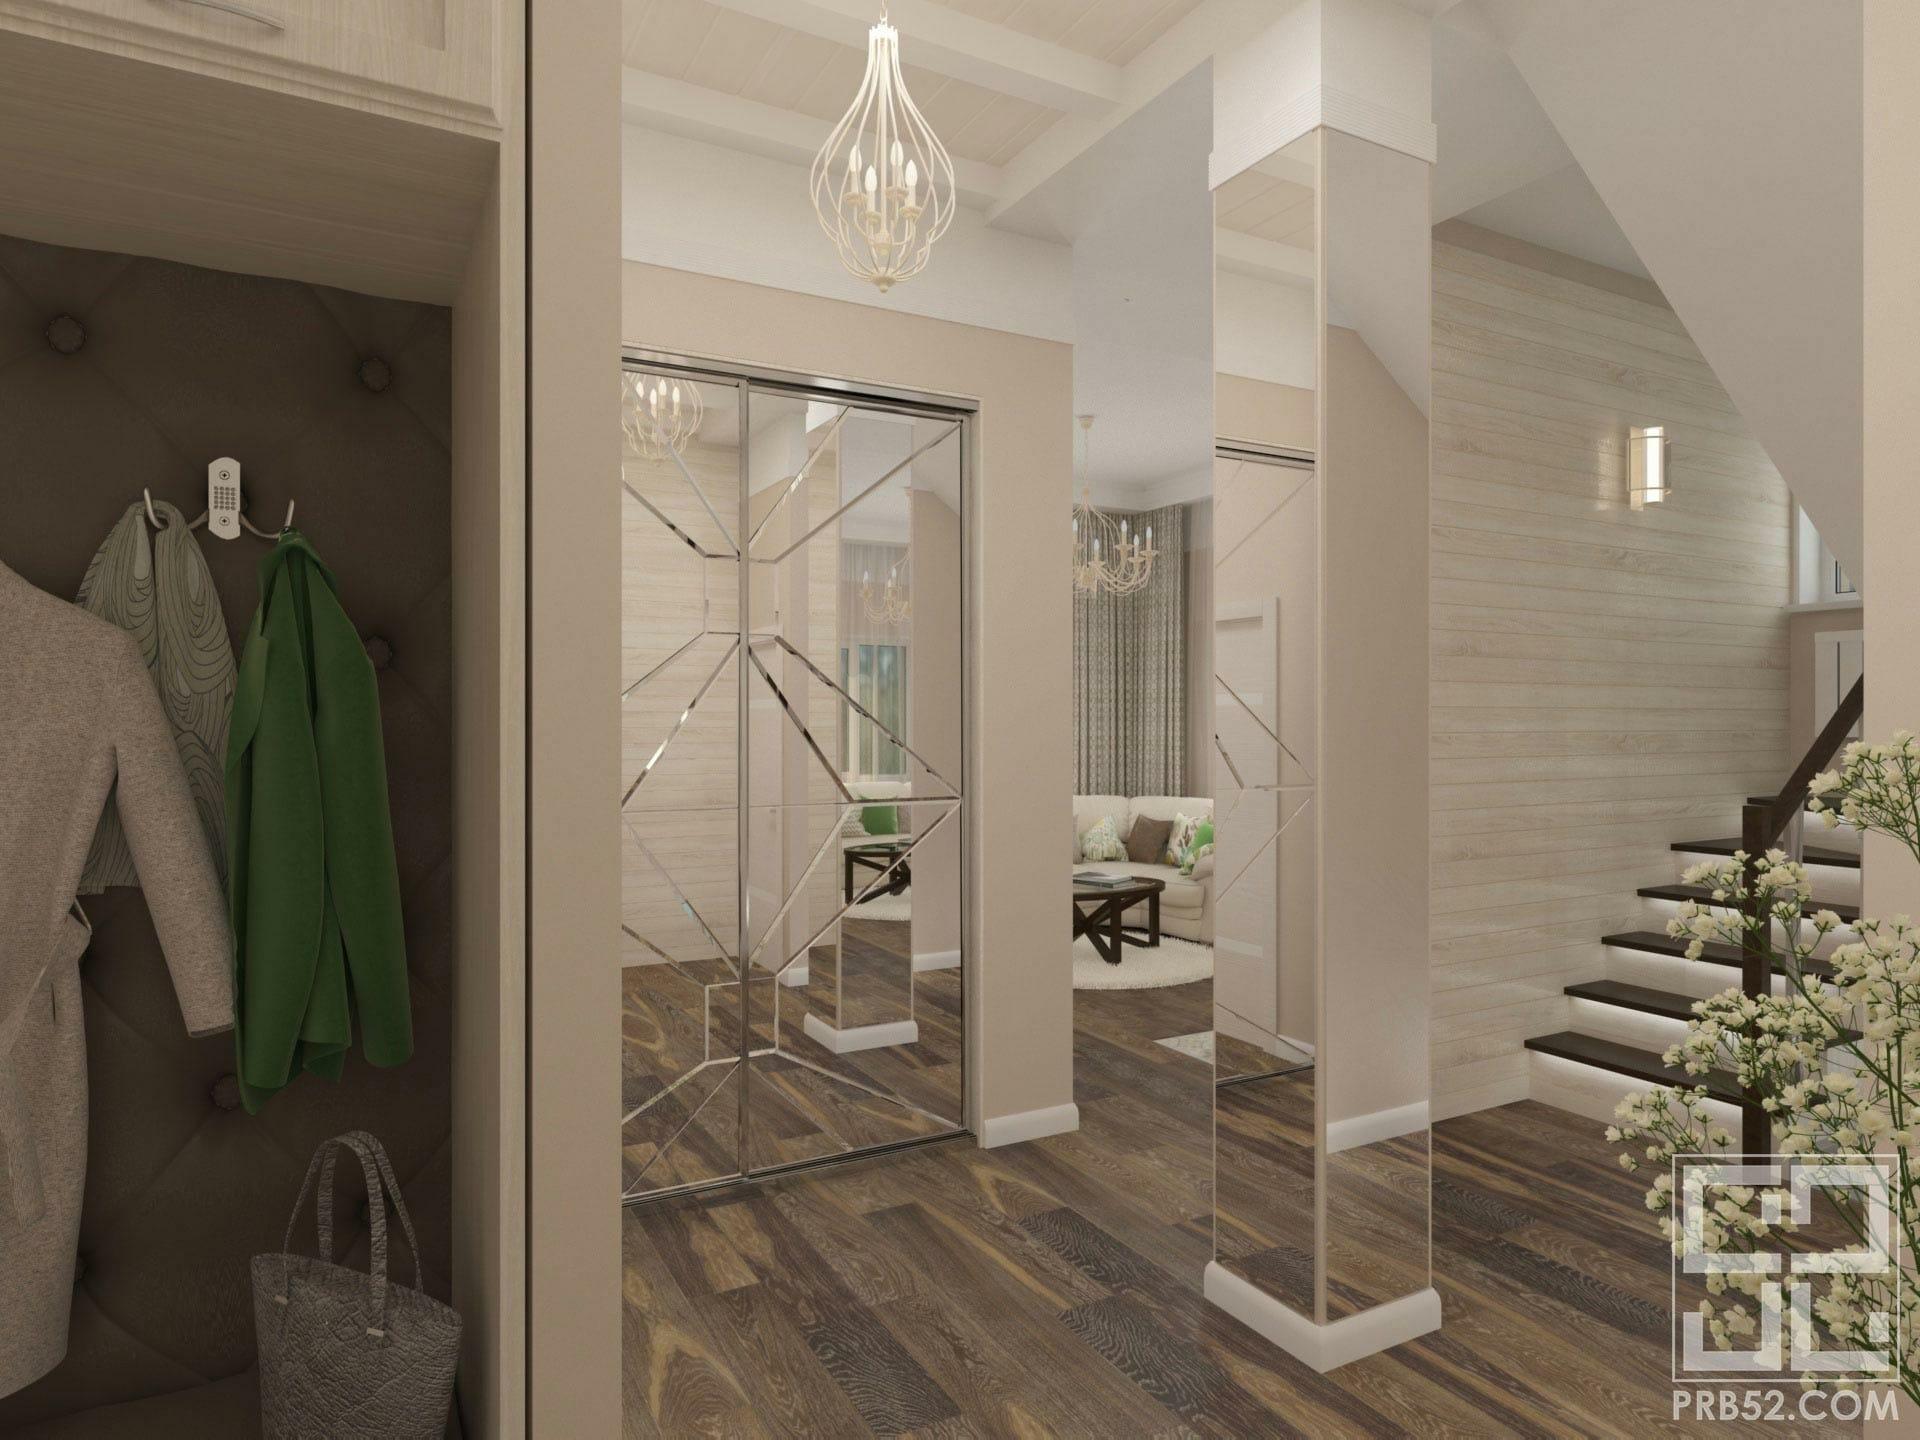 дизайн интерьера коридора в частном доме